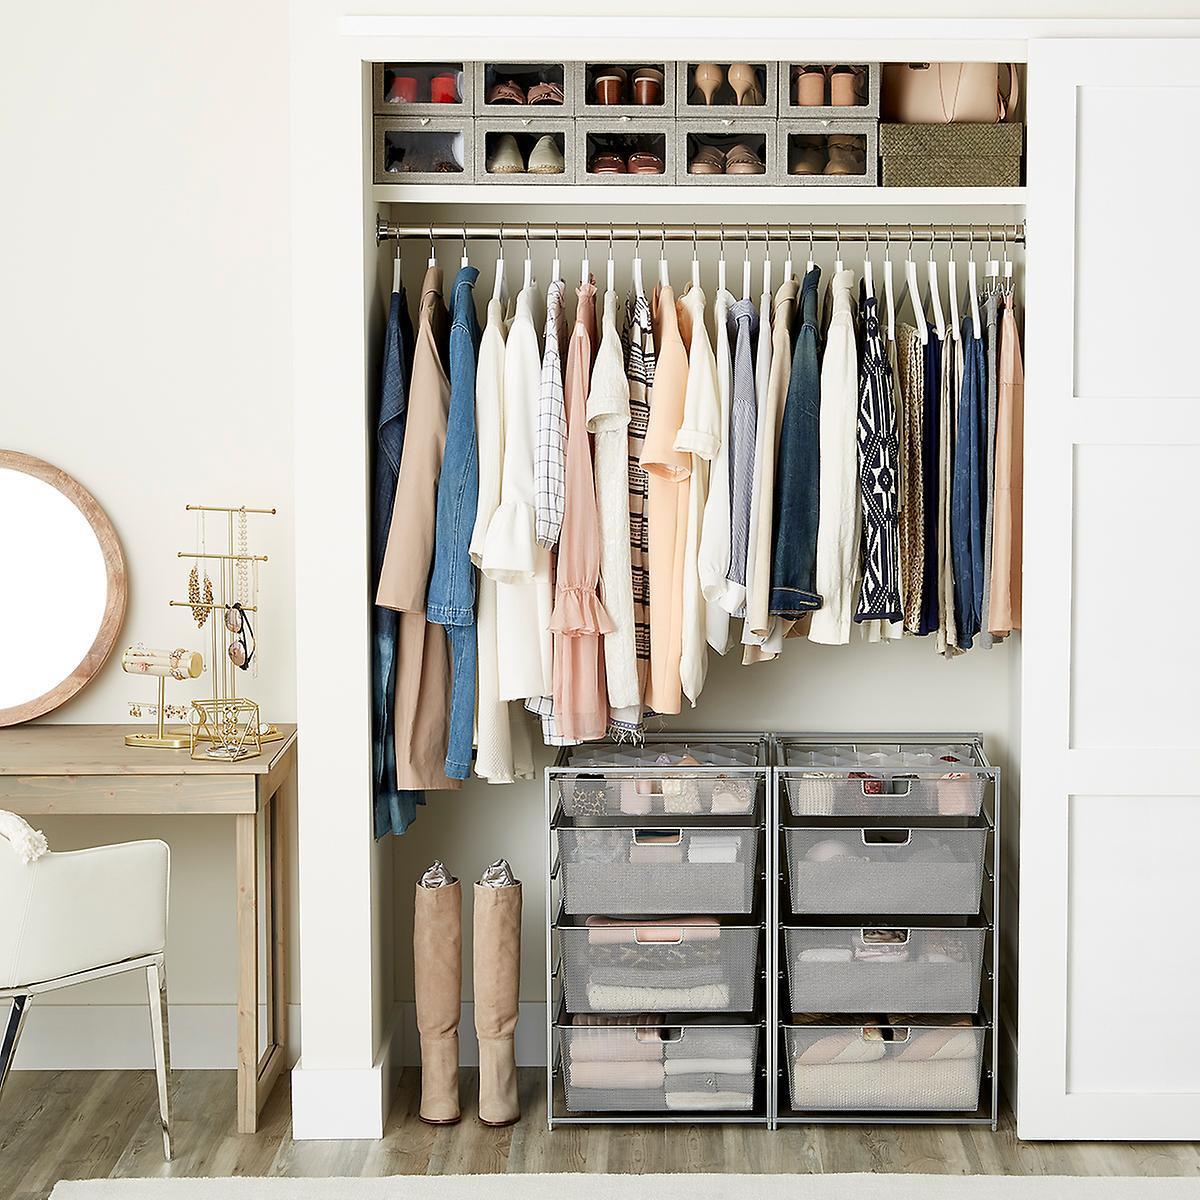 Хранение вещей в шкафу: 20 гениальных идей и лайф-хаков! || Хранение домашних вещей